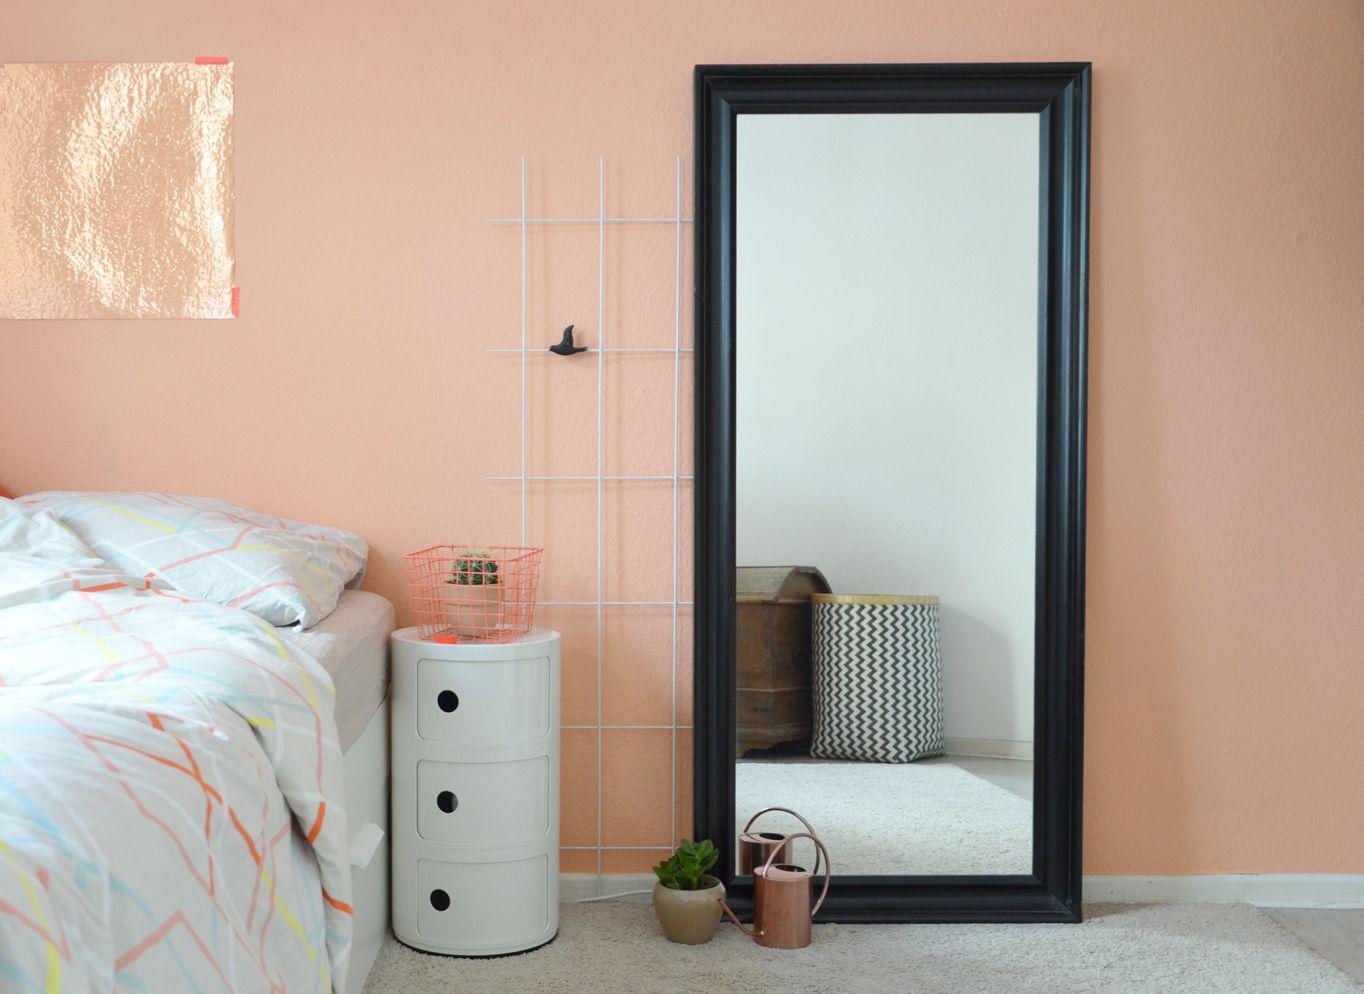 eine wand in der farbe von pfirsich-sorbet | pfirsich-sorbet, Schlafzimmer entwurf